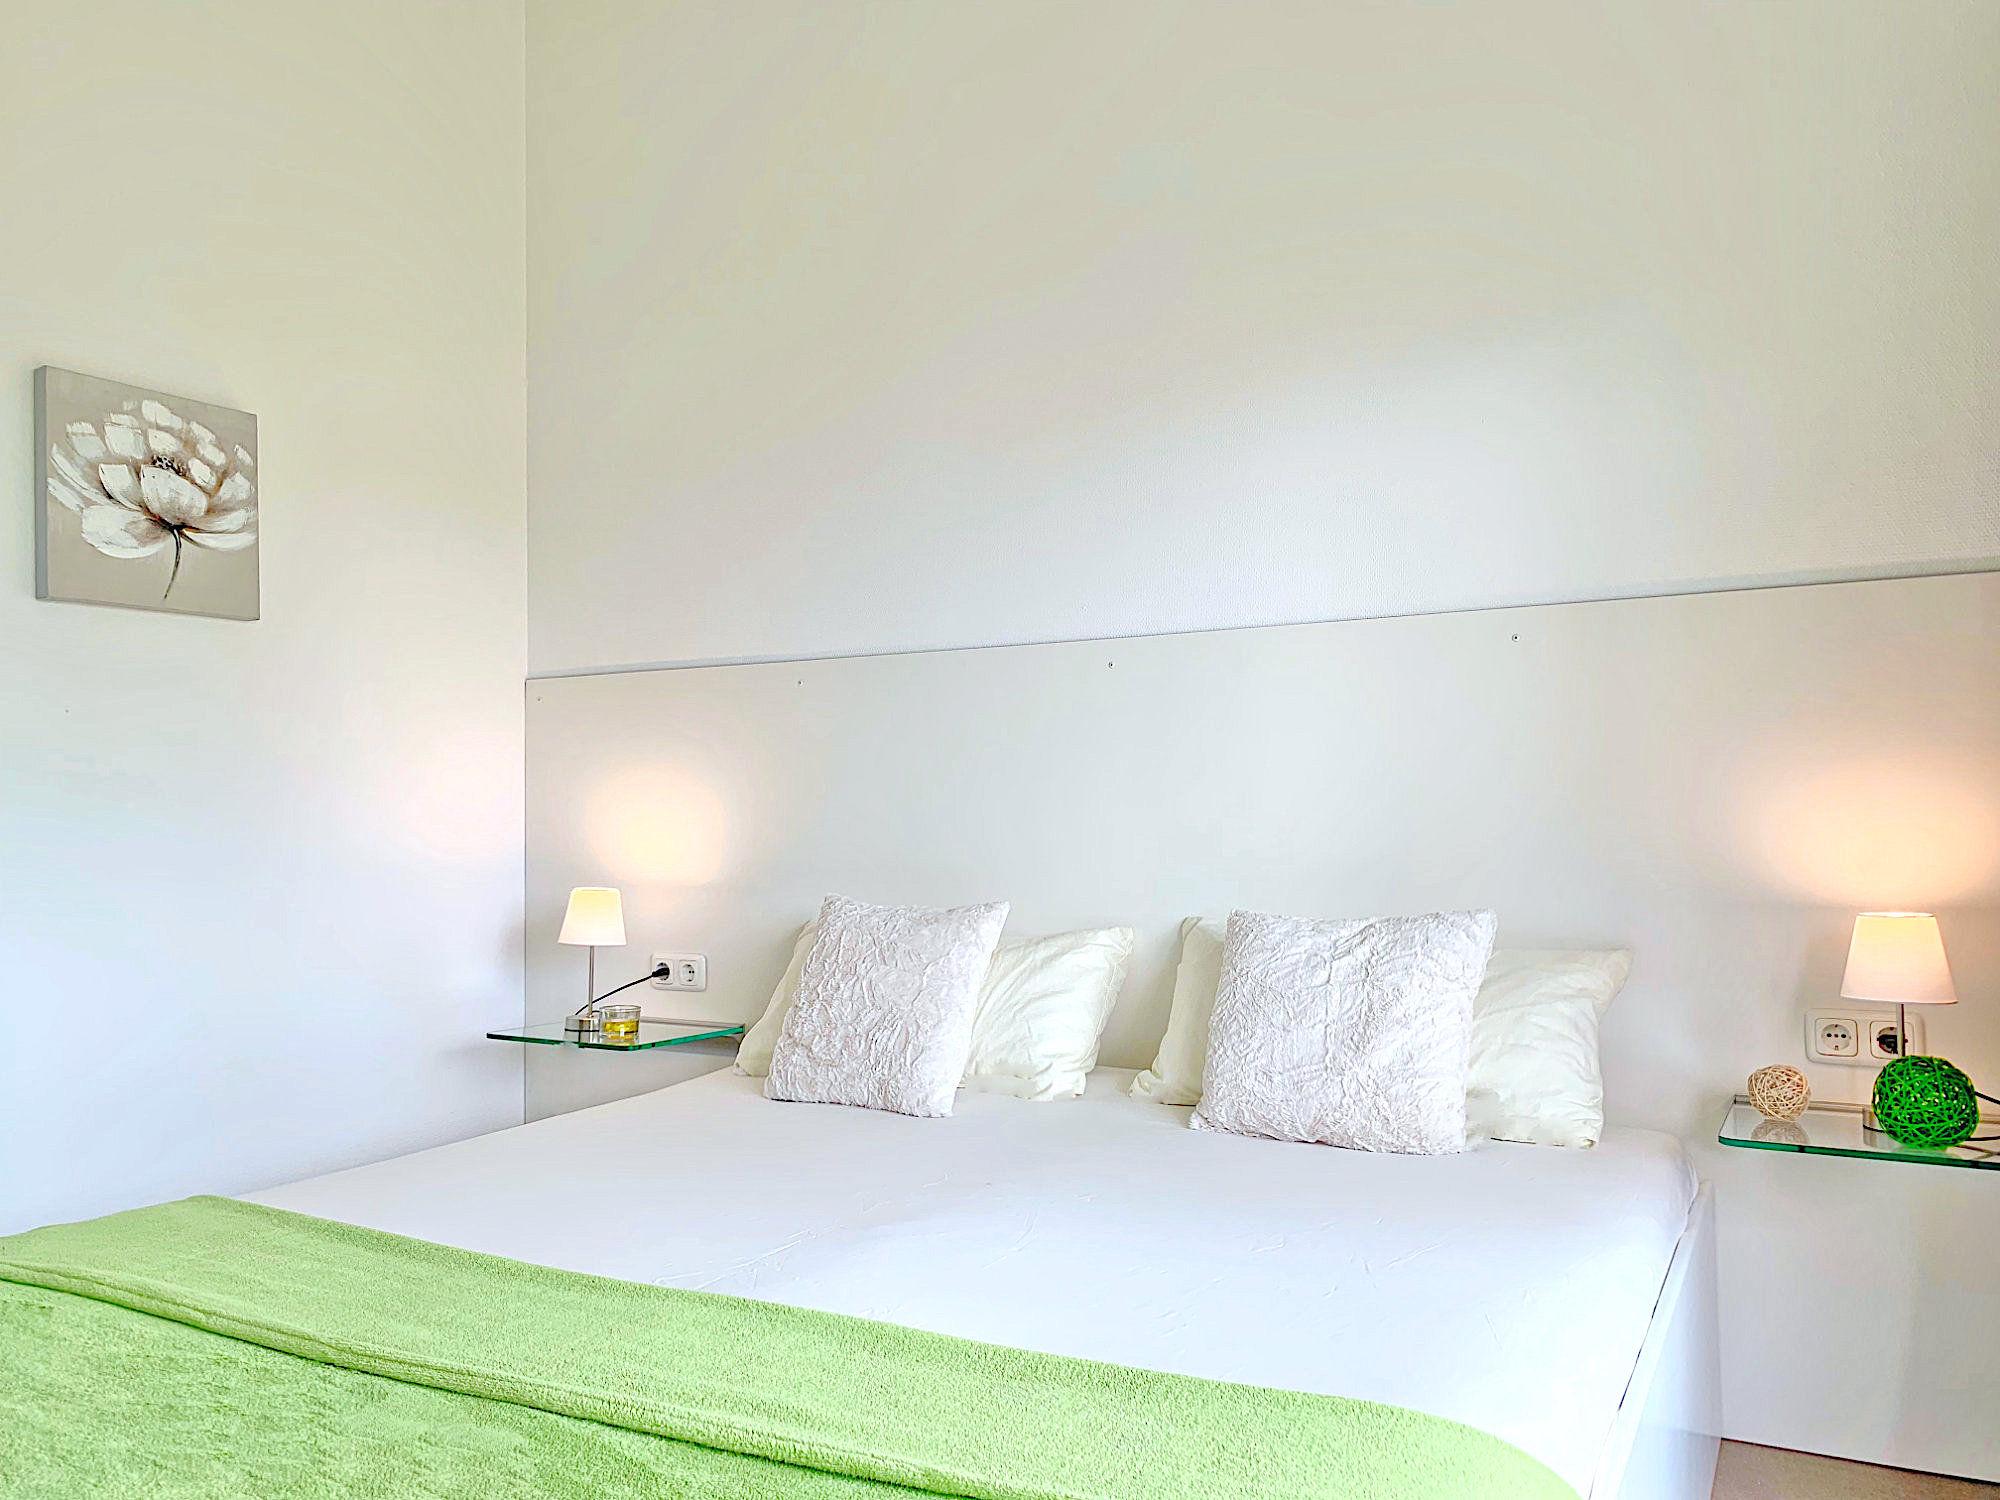 Schlafzimmer mit Doppelbett, Kopfteil mit Kopfkissen, links und rechts neben dem Bett befinden sich Glaskonsolen